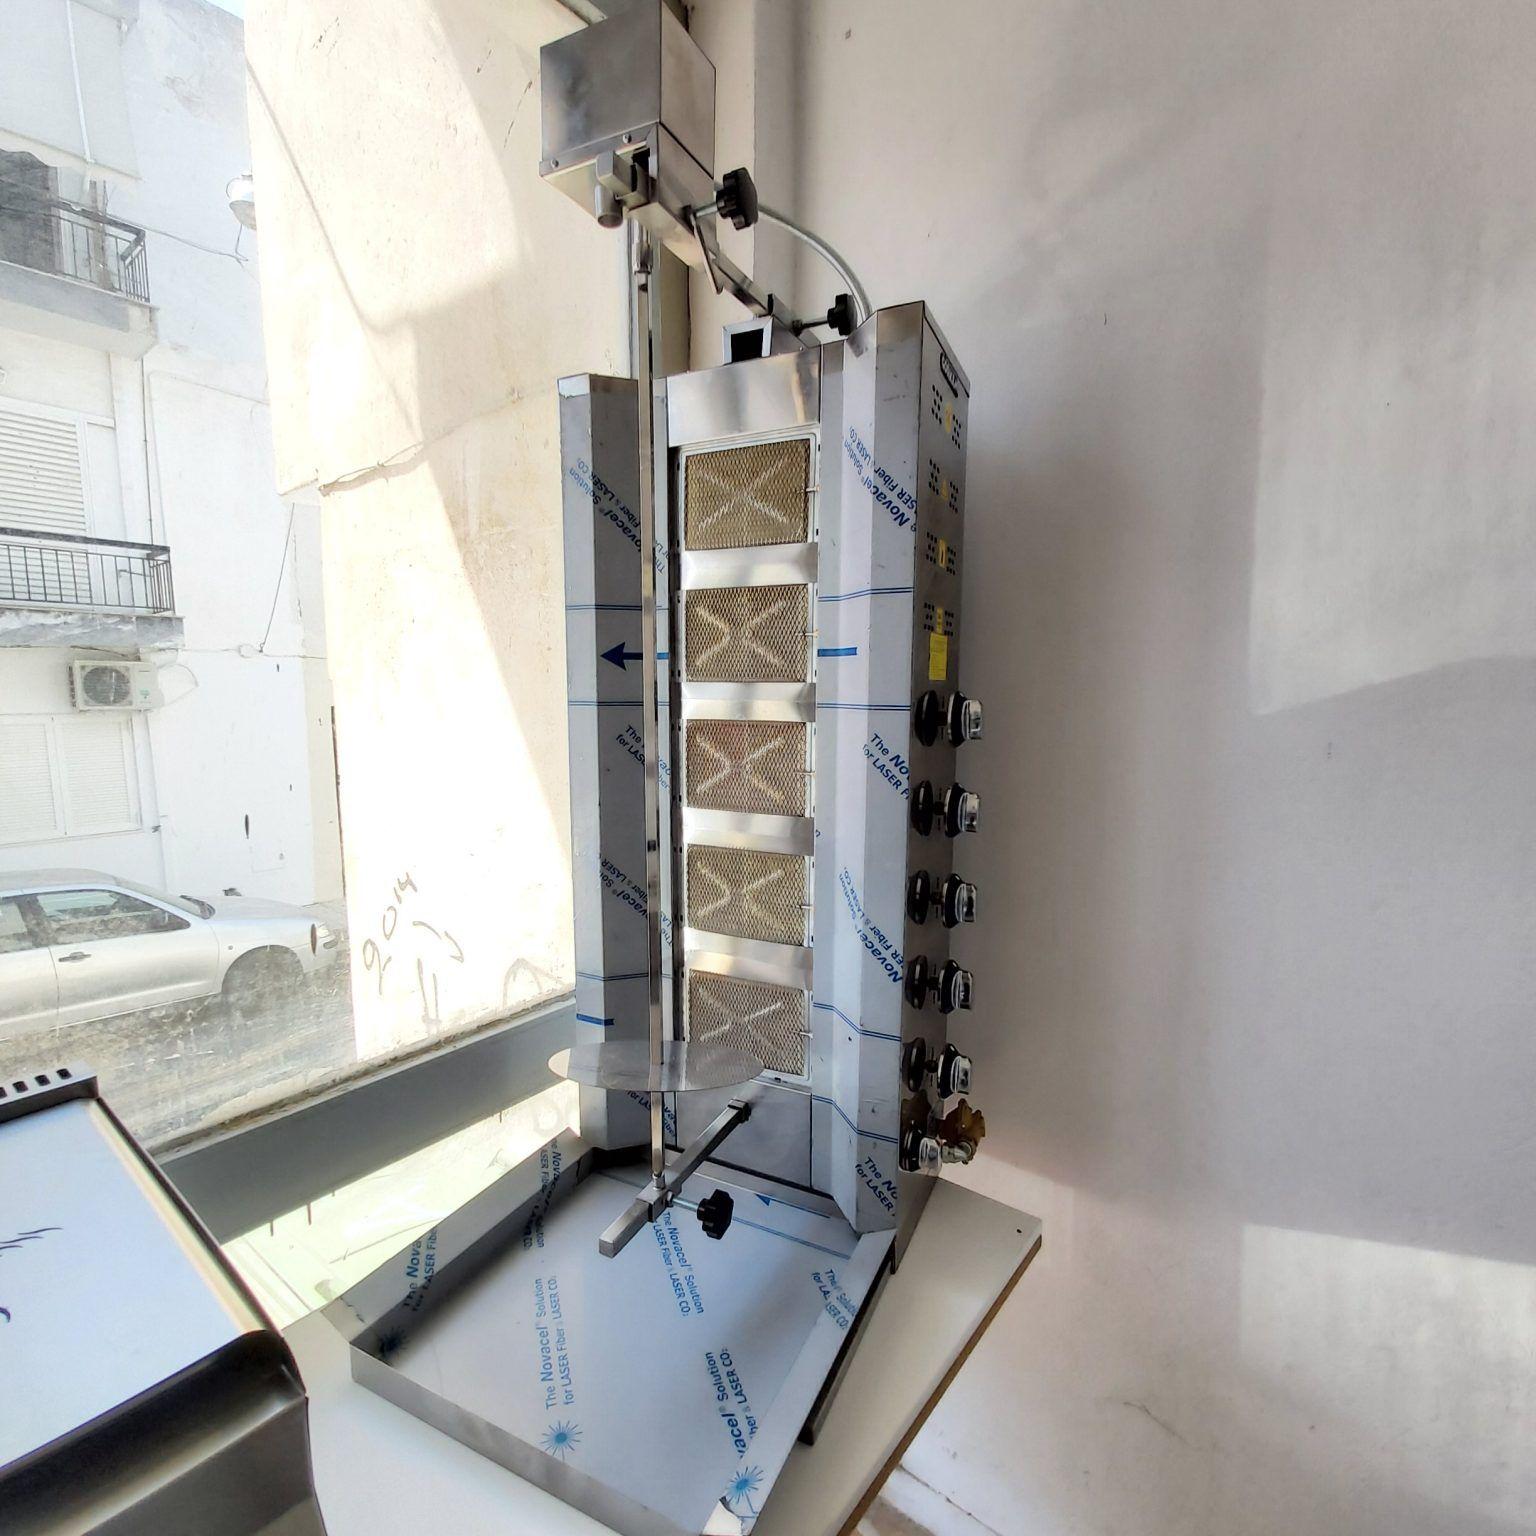 Μηχάνημα γύρου, υγραερίου, με 5 διακόπτες για 5 καυστήρες και το μοτέρ ψηλά - πάνω.